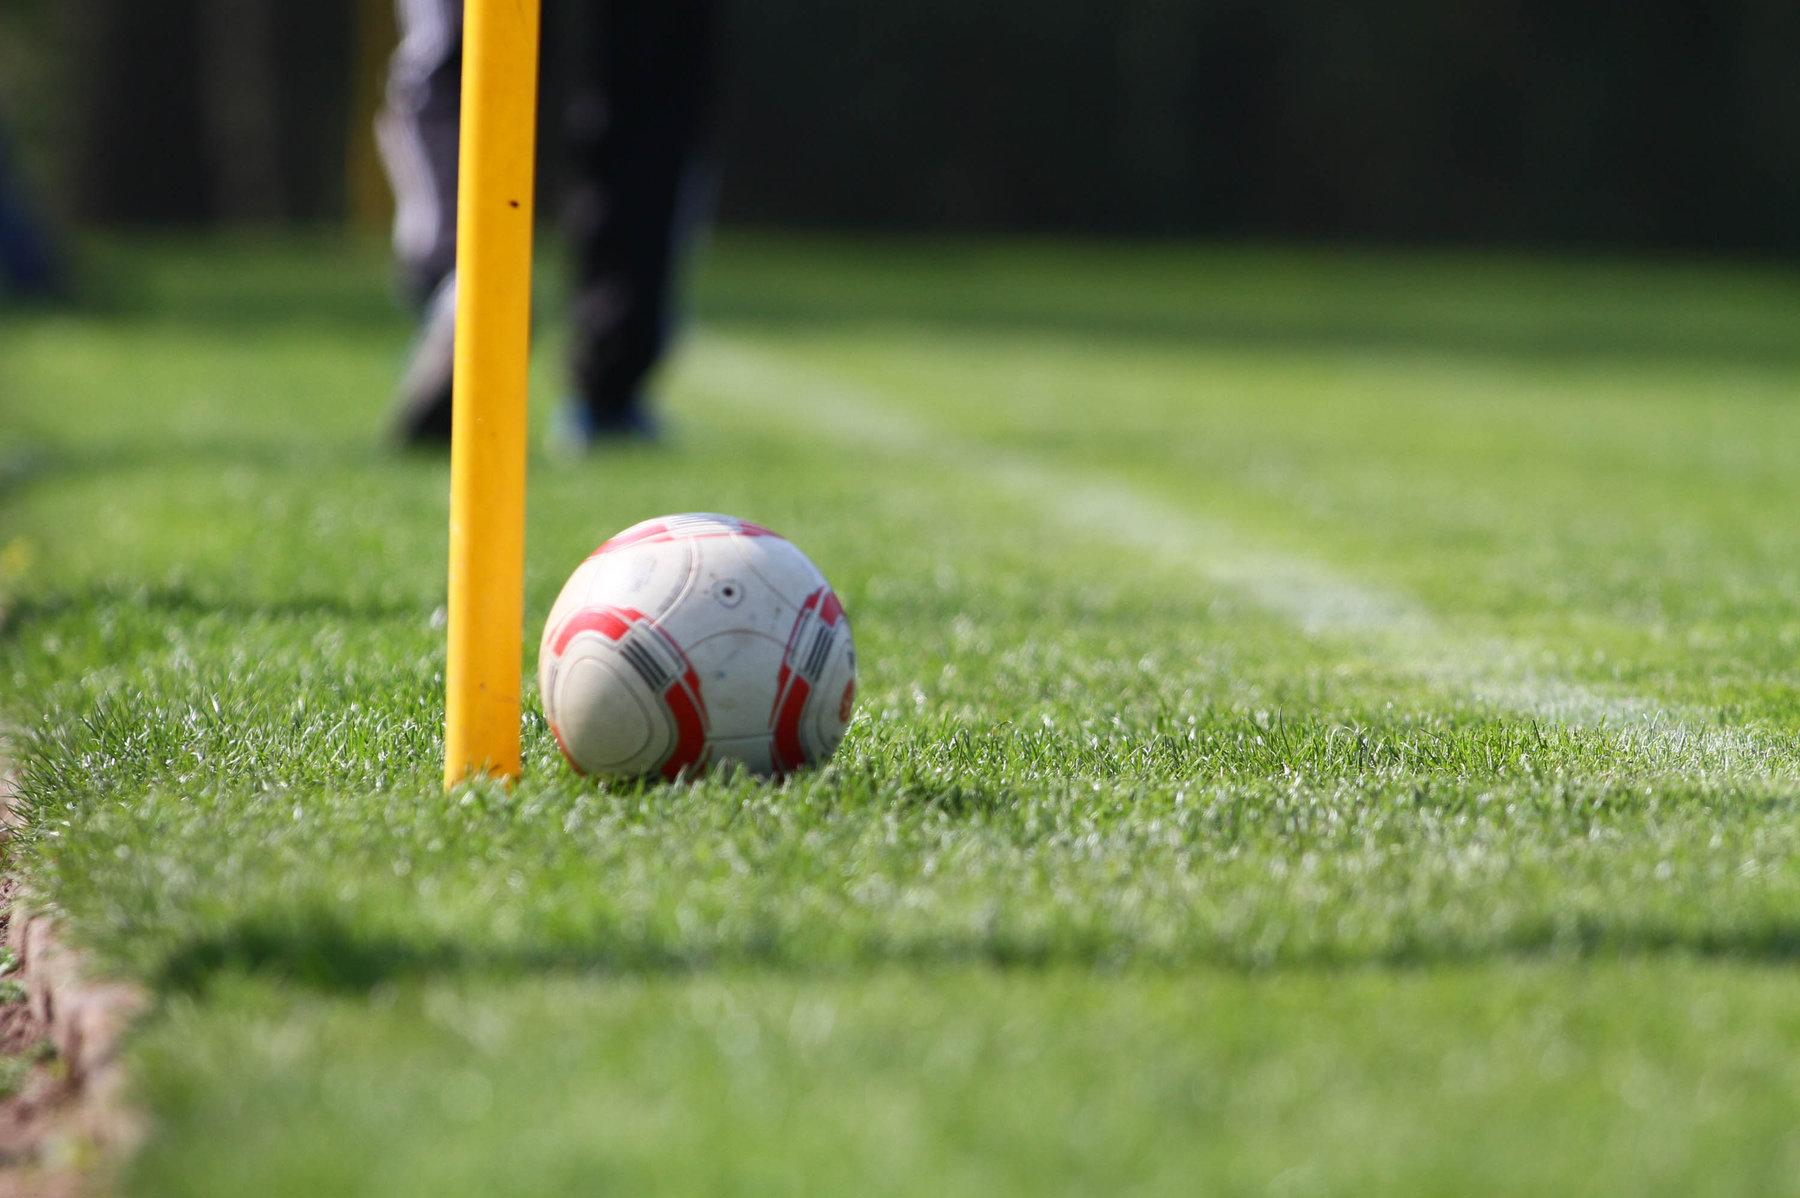 Fußball liegt auf grüner Wiese